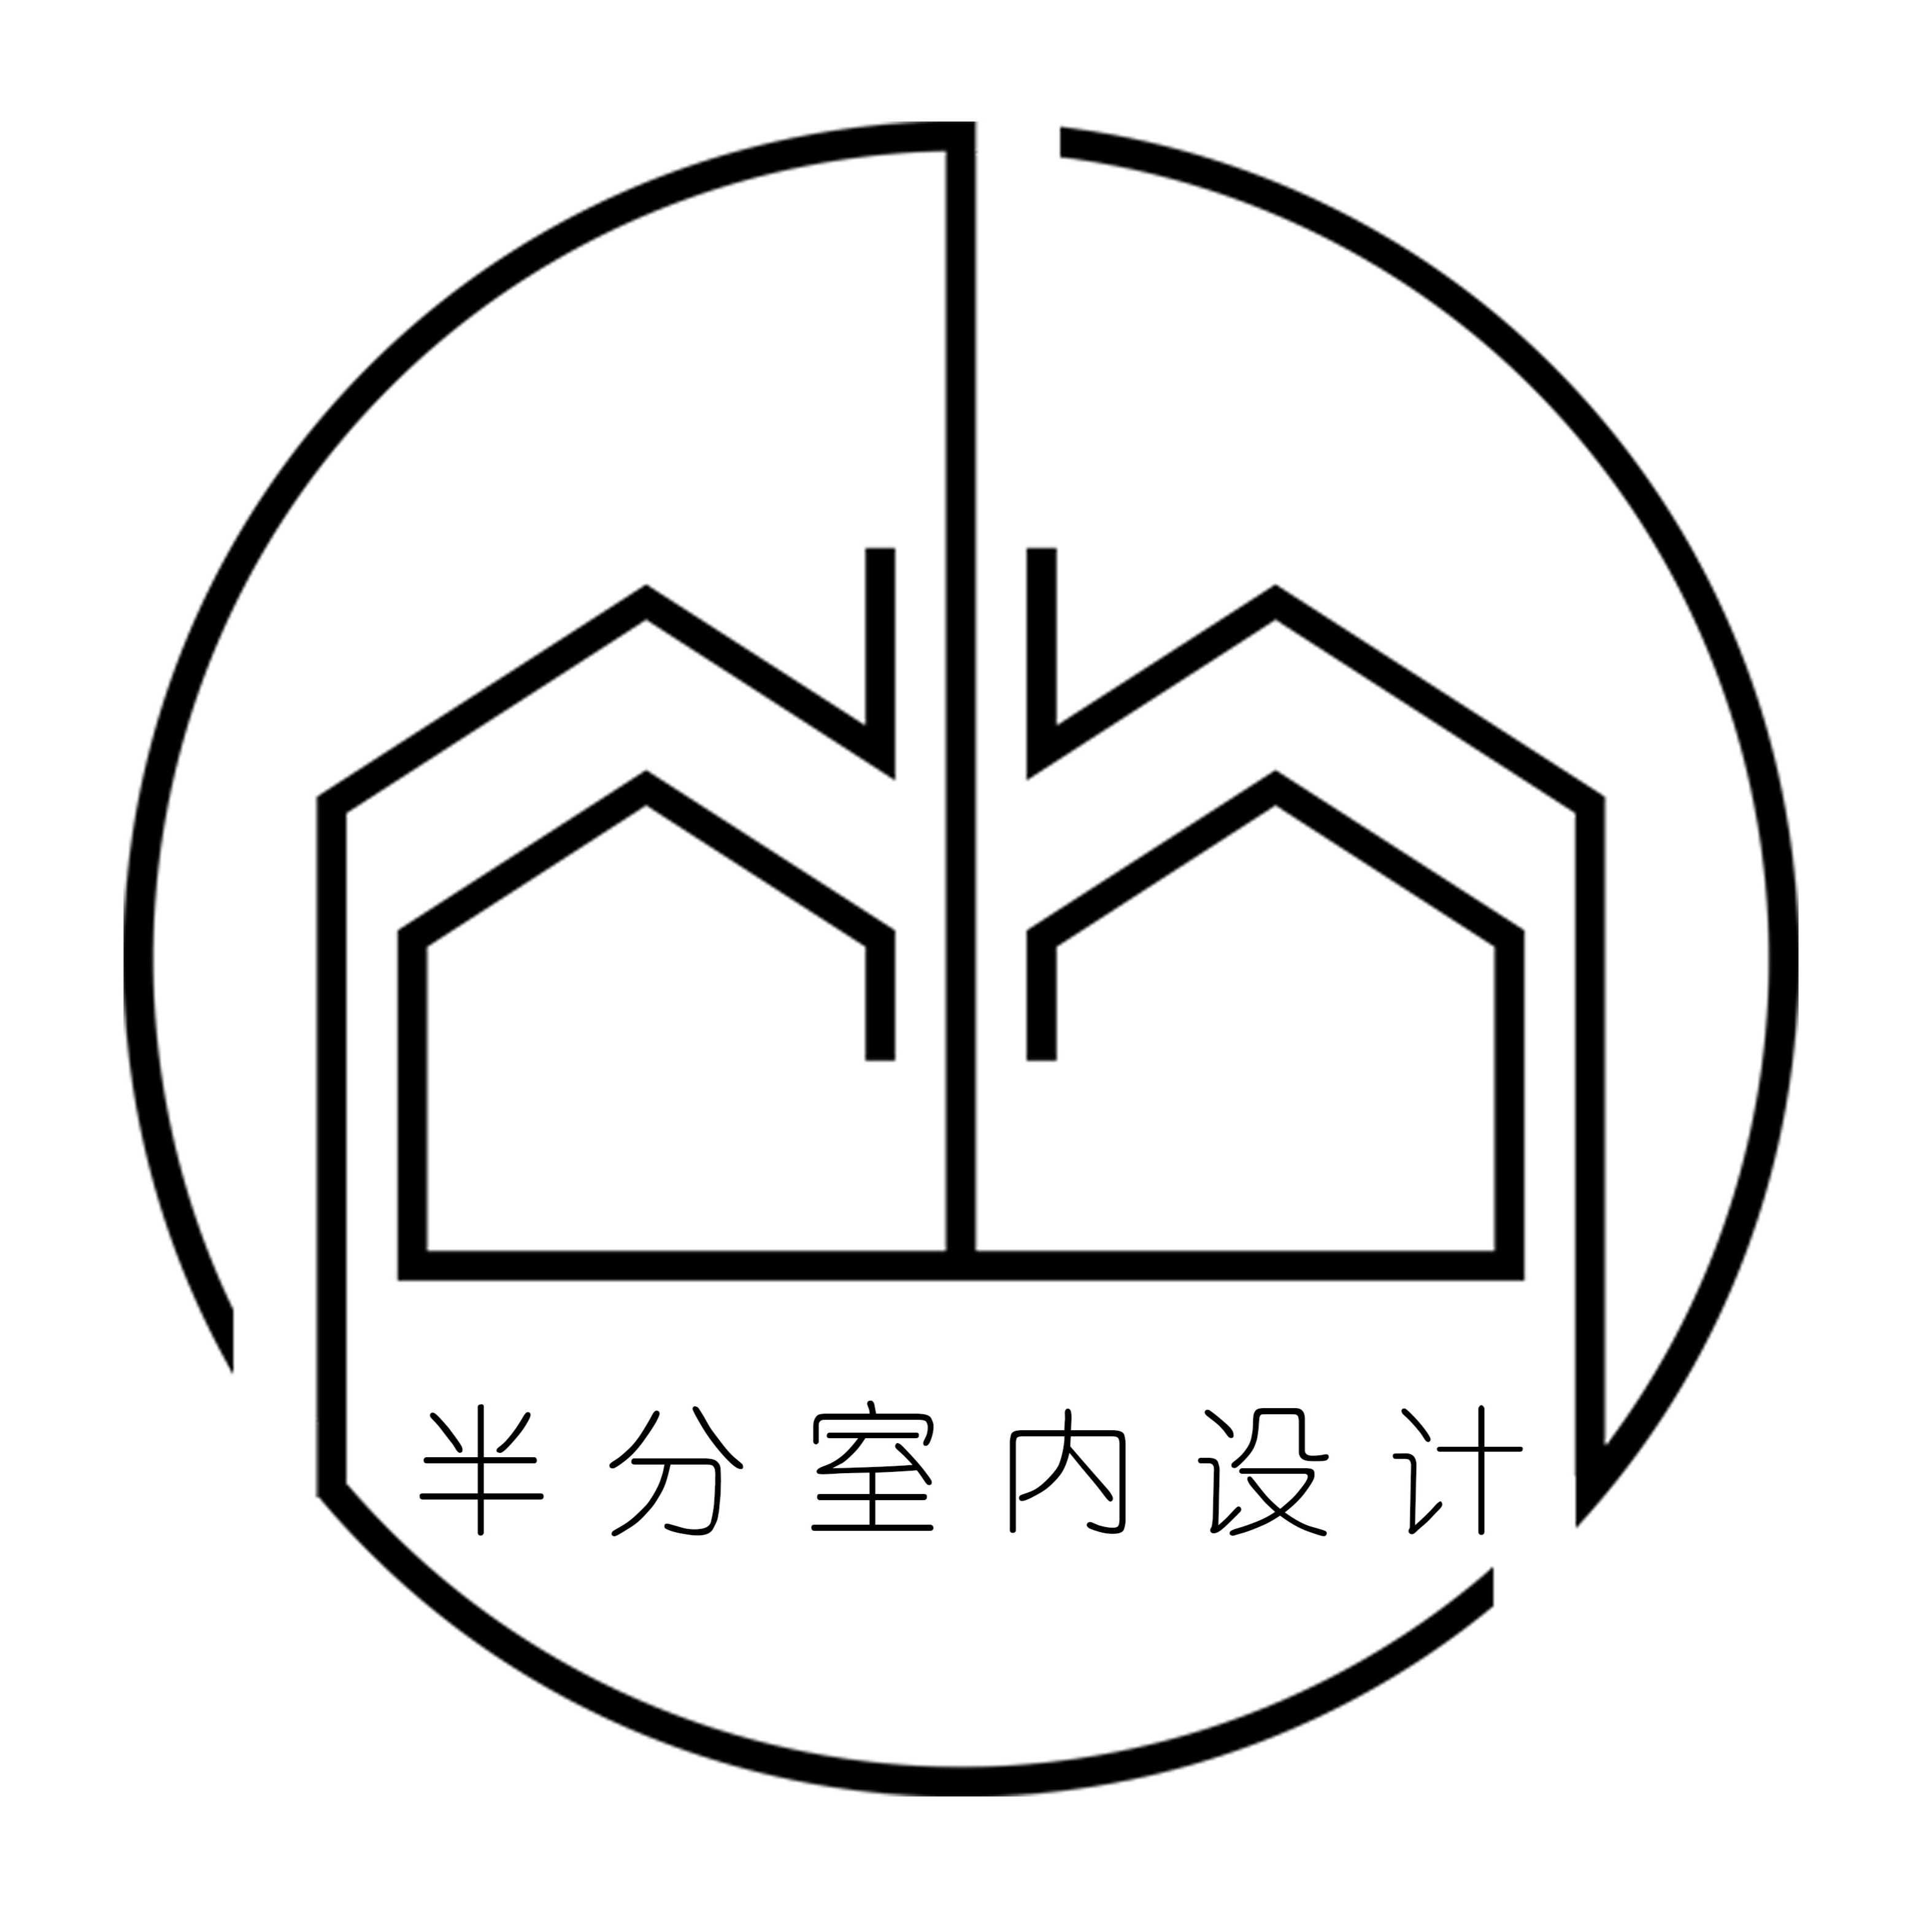 赵殷-贰陆柒设计